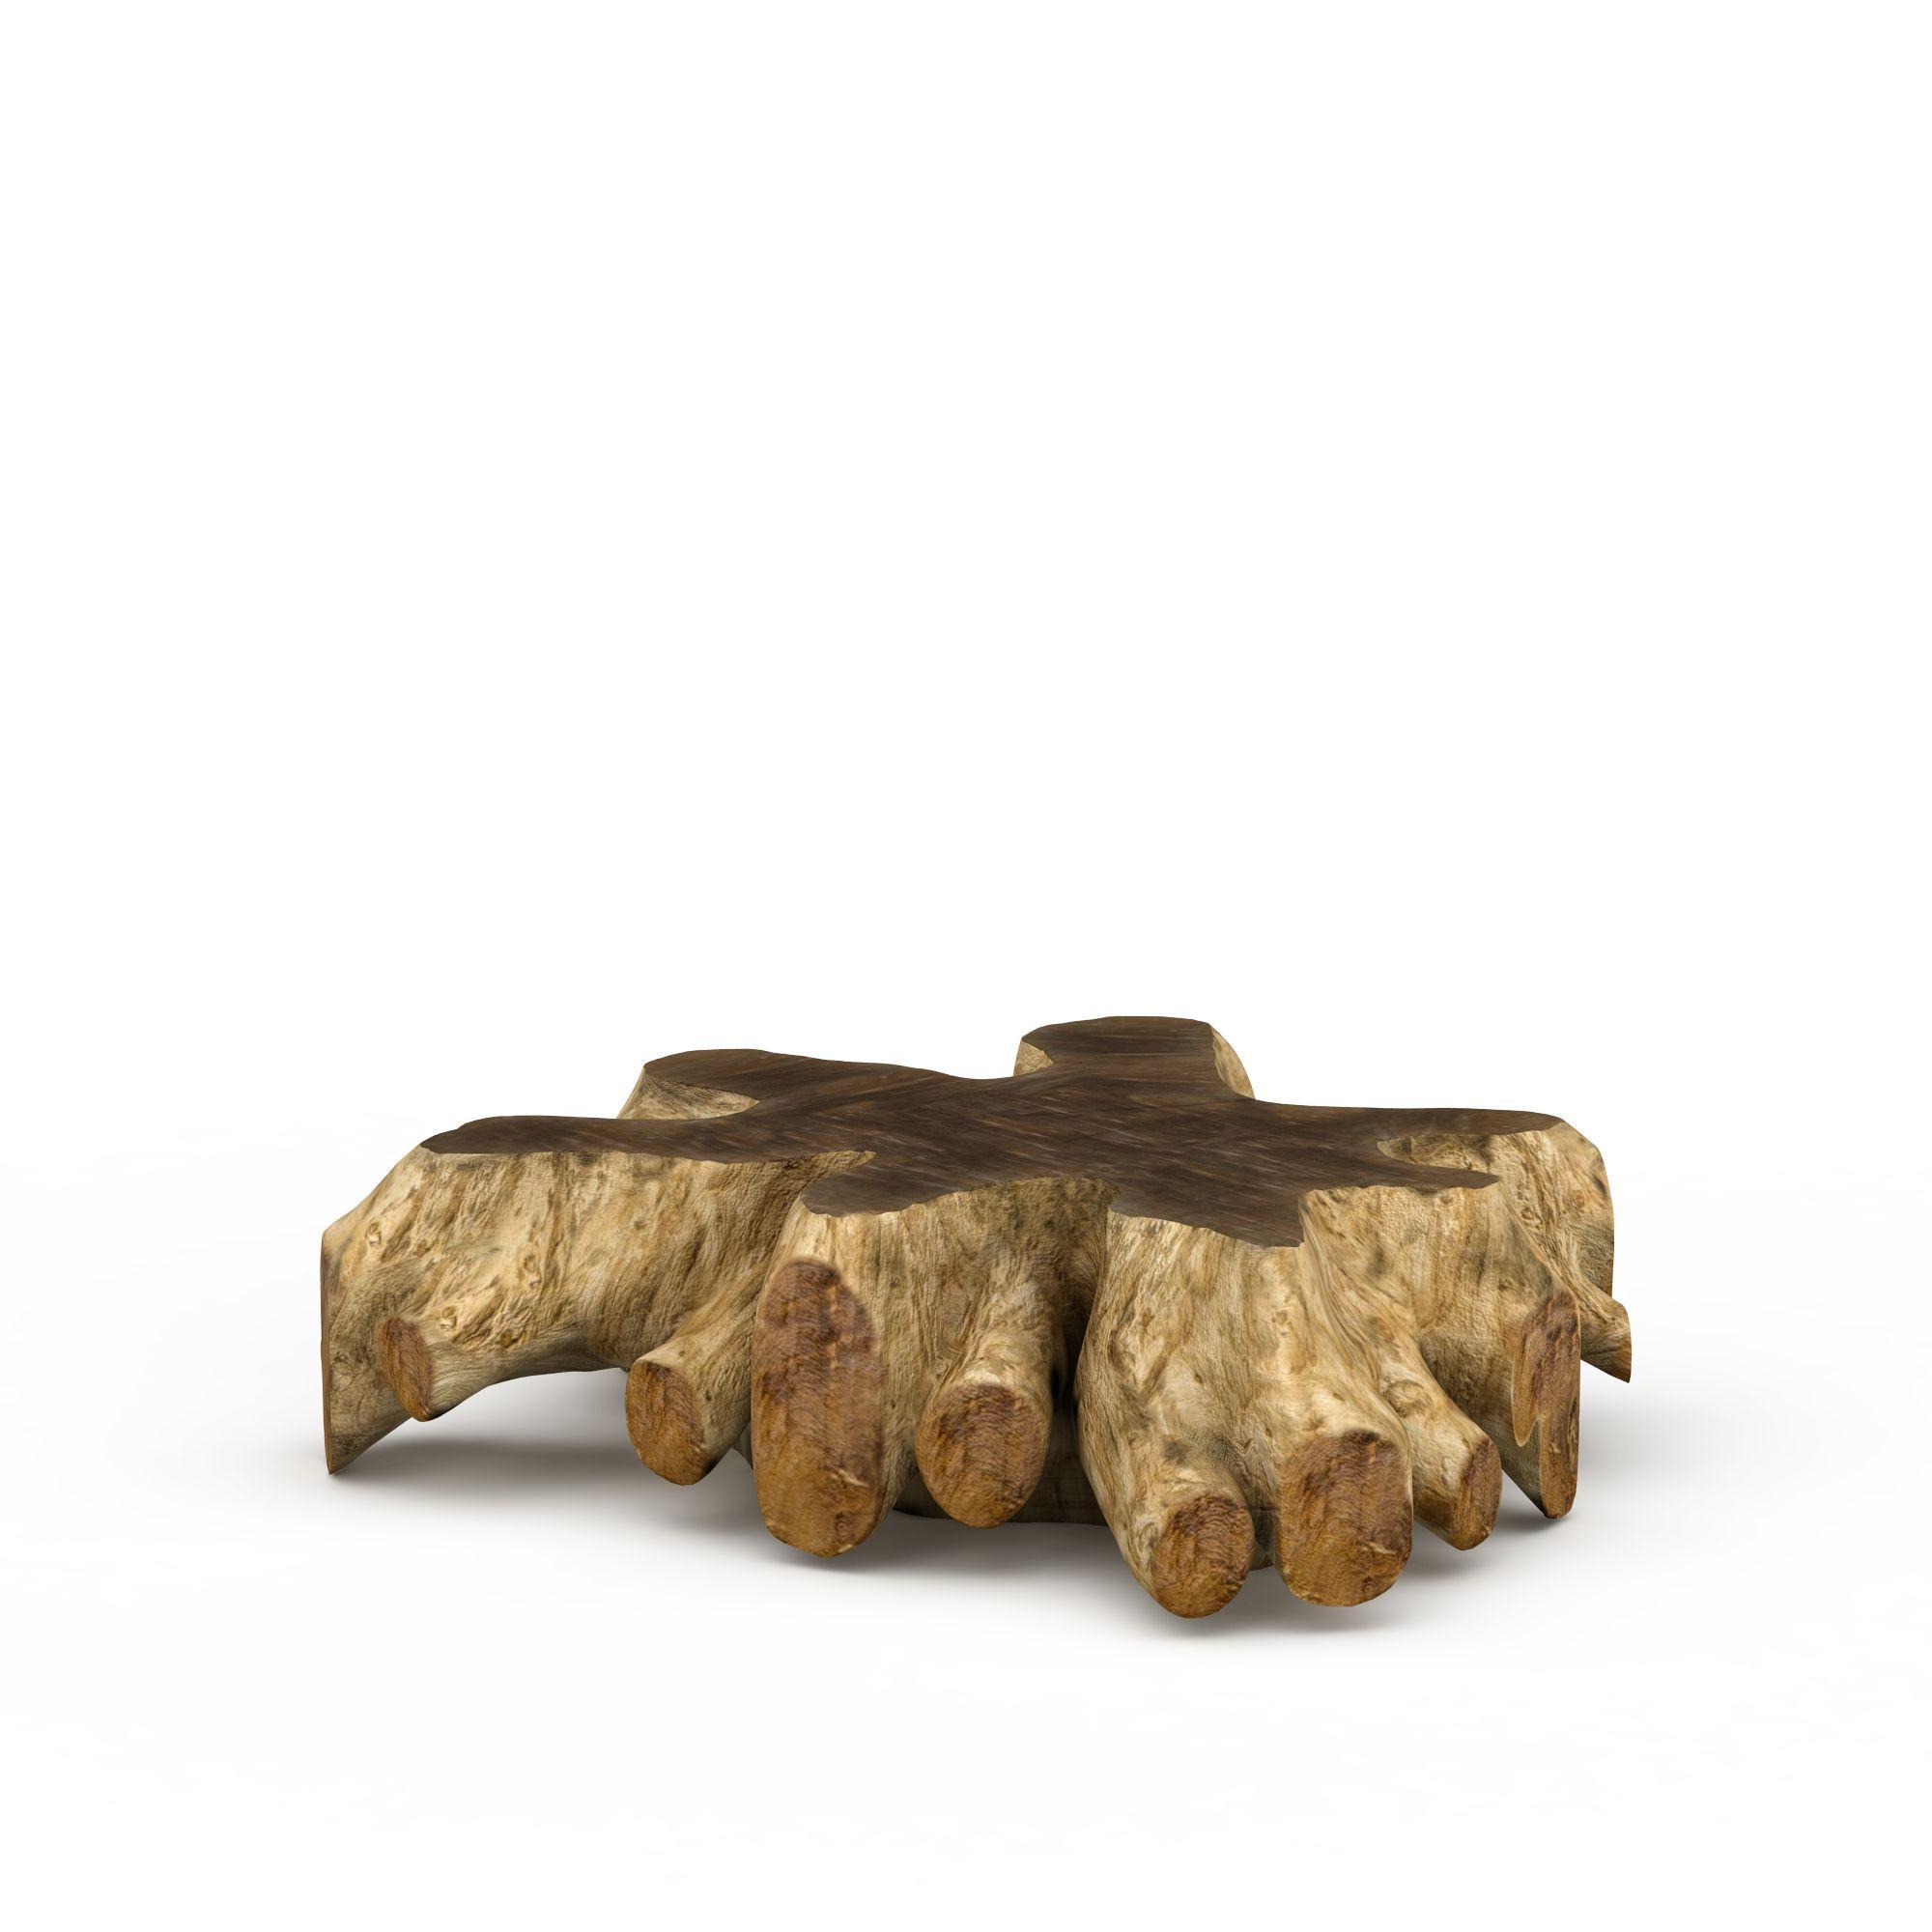 家具组合 凳 树根凳子3d模型 树根凳子png高清图  树根凳子高清图详情